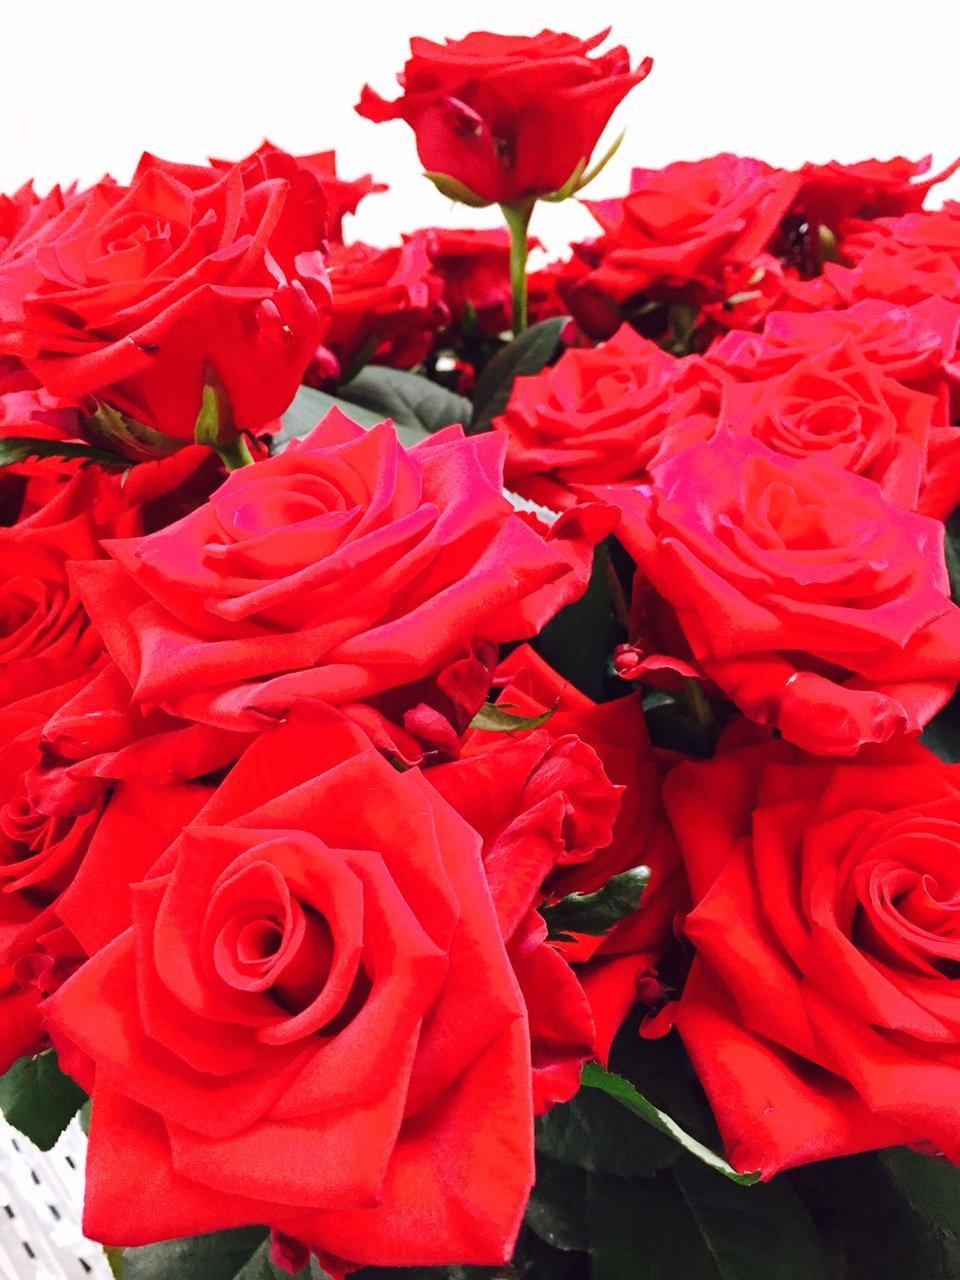 zestig rode rozen Foodblogger Foodinista vijf jaar samen